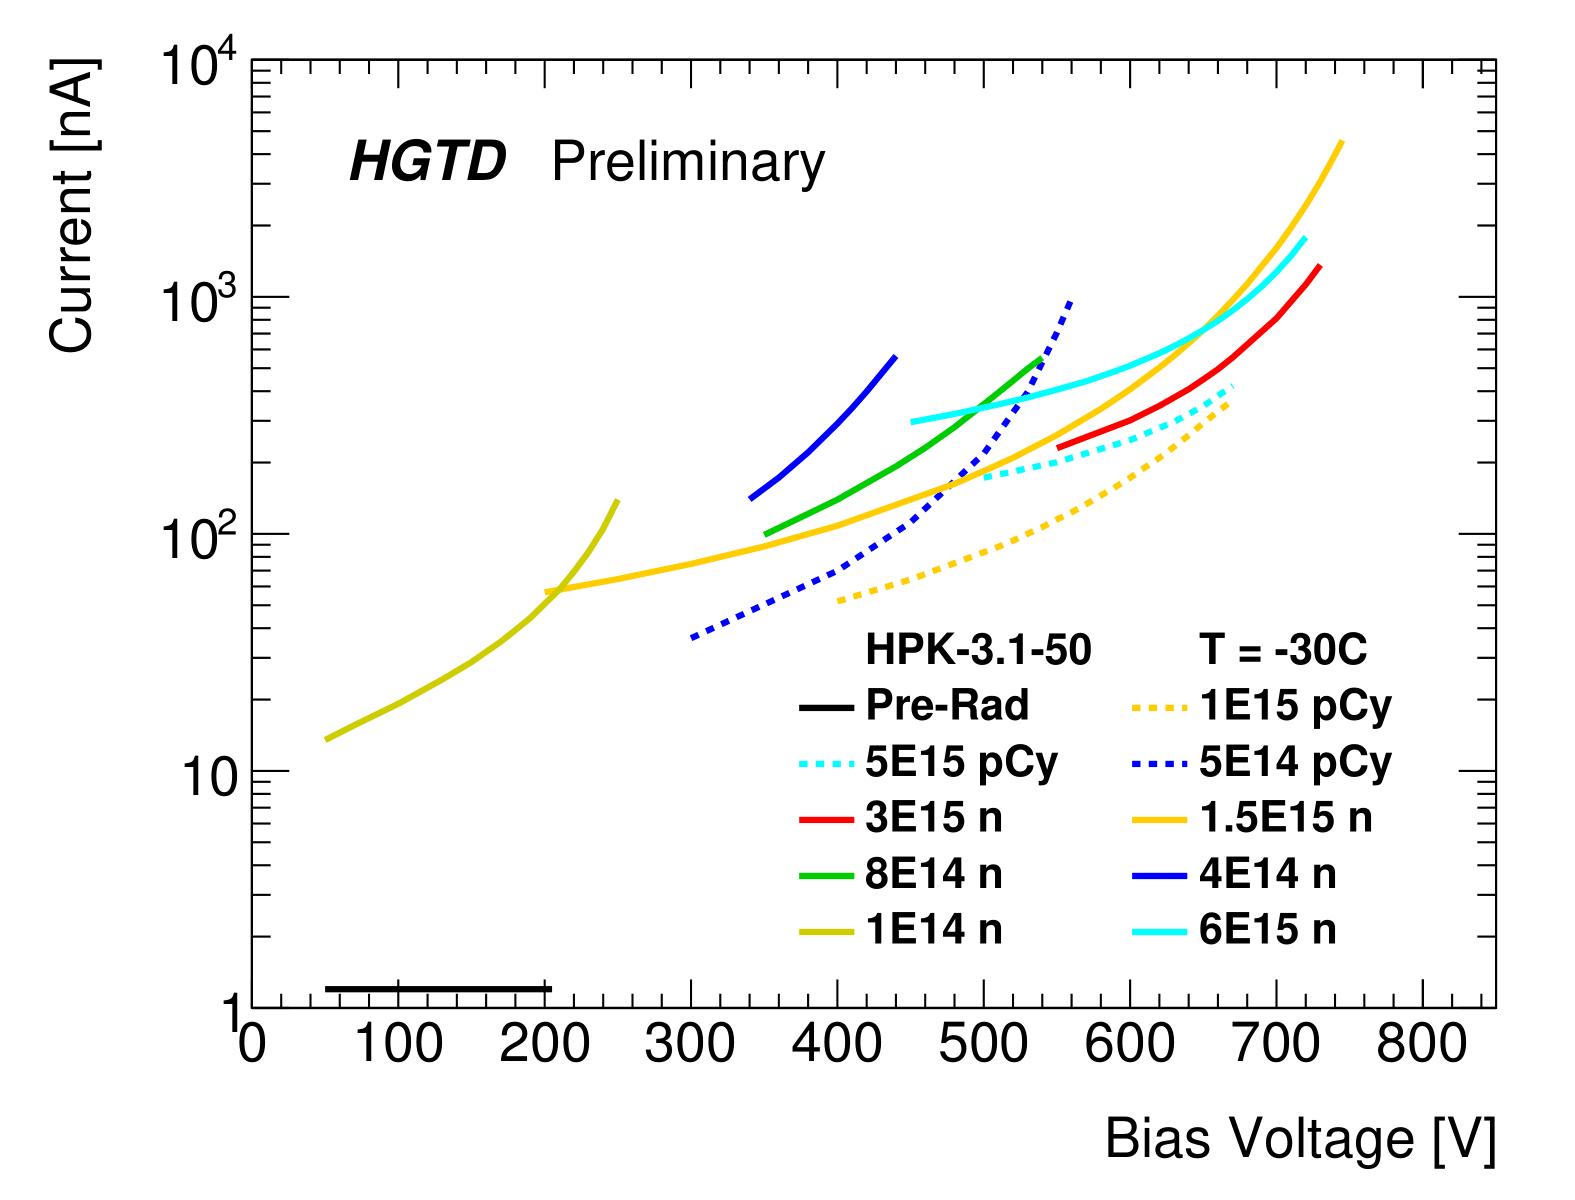 https://twiki.cern.ch/twiki/pub/AtlasPublic/HGTDPublicPlots/PD_voltage-1.png